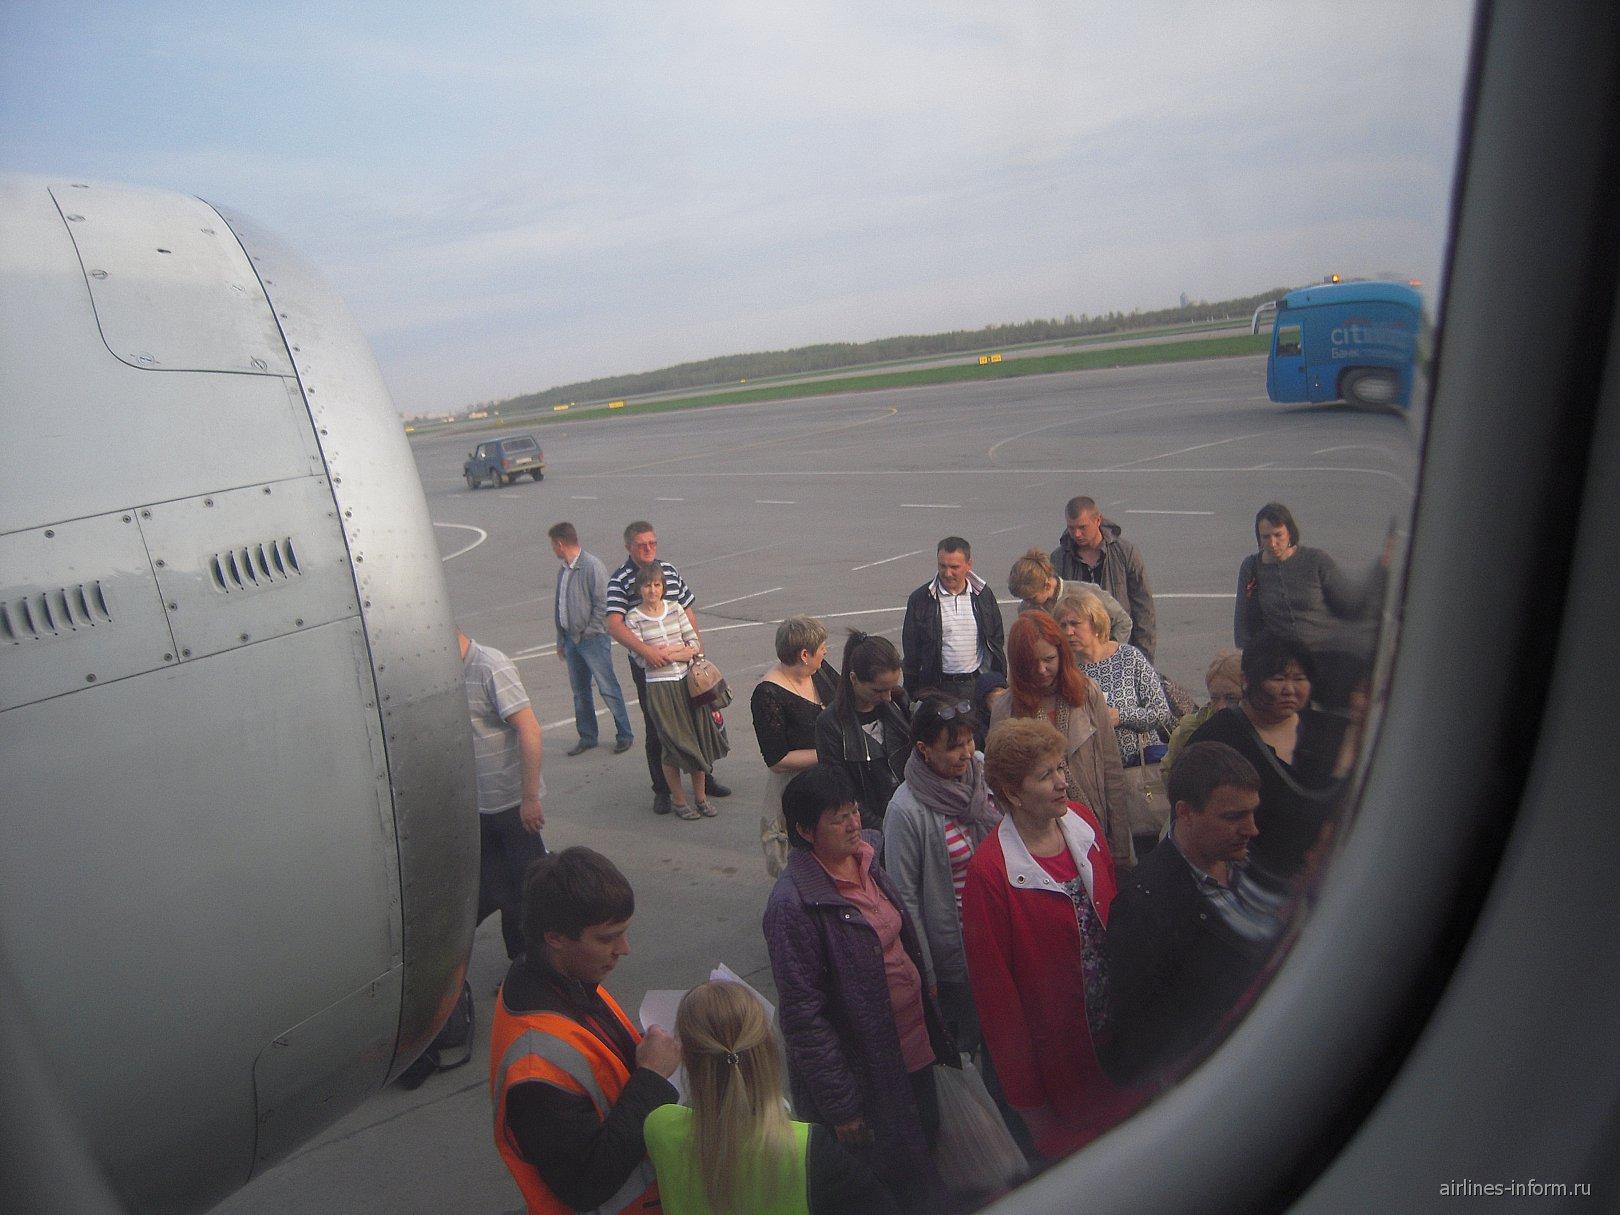 Посадка на рейс Петербург-Ростов авиакомпании Россия